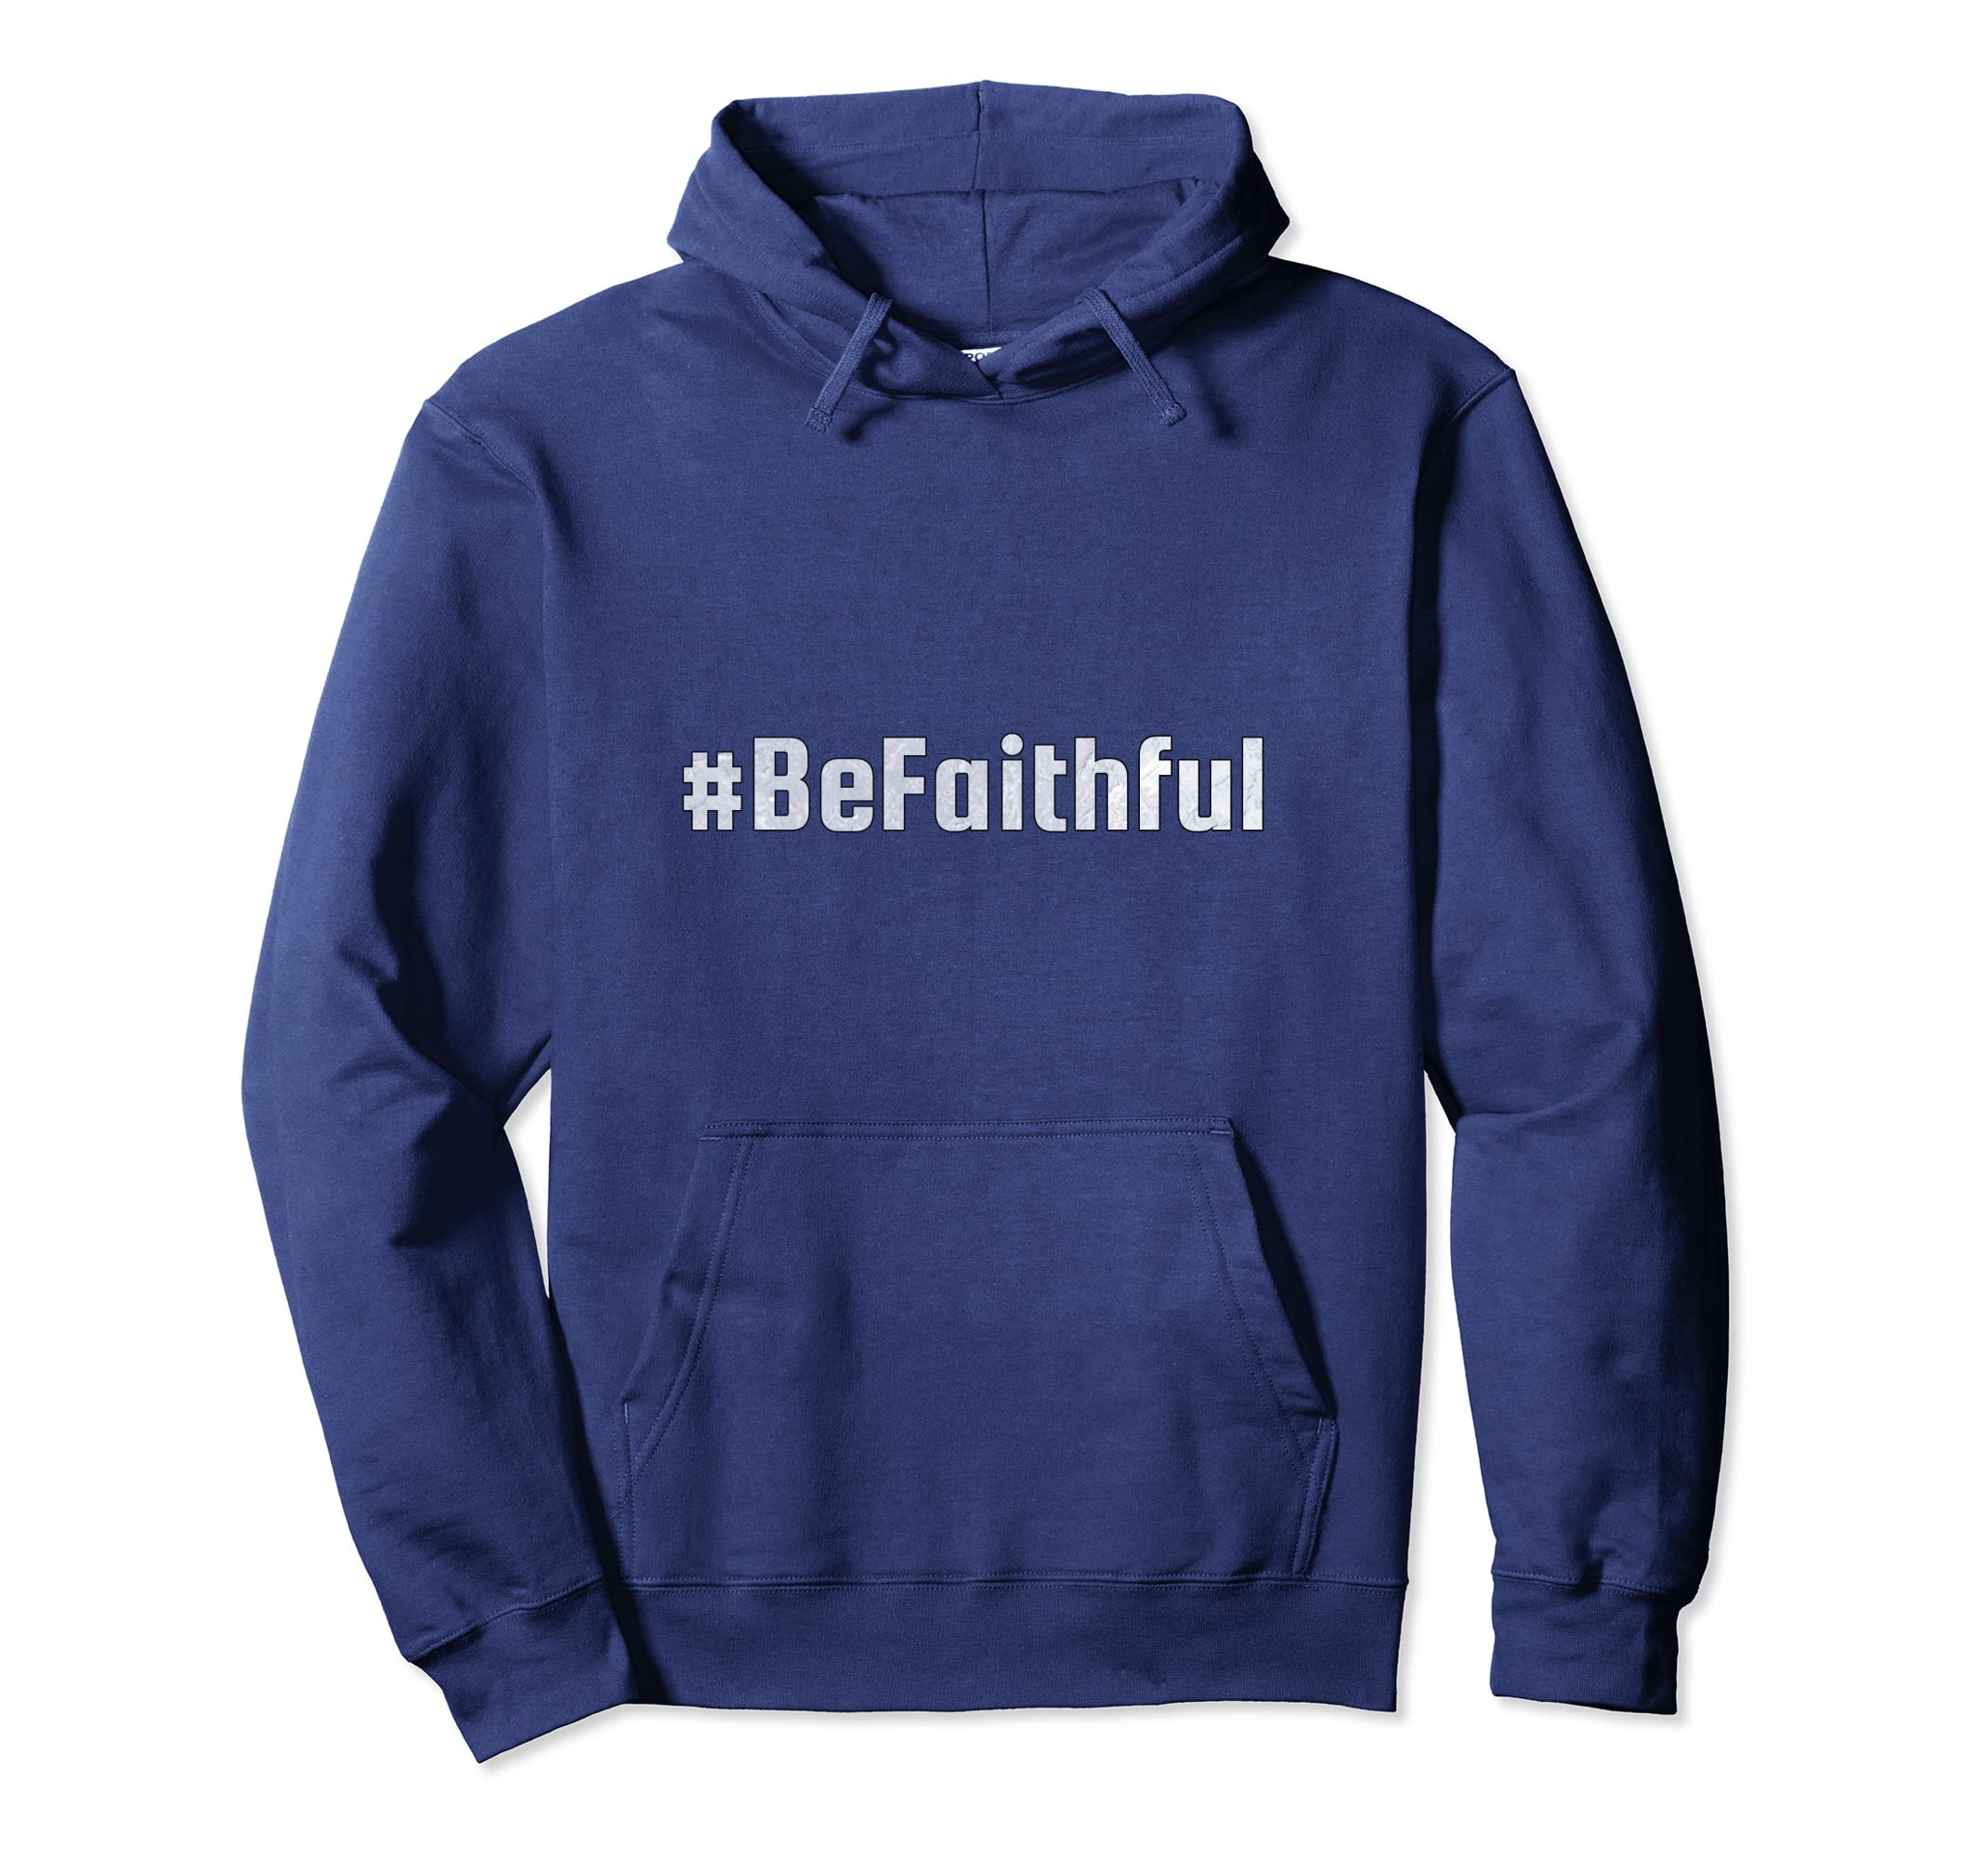 #BeFaithful Be Faithful Hashtag Positive Hoodie-SFL